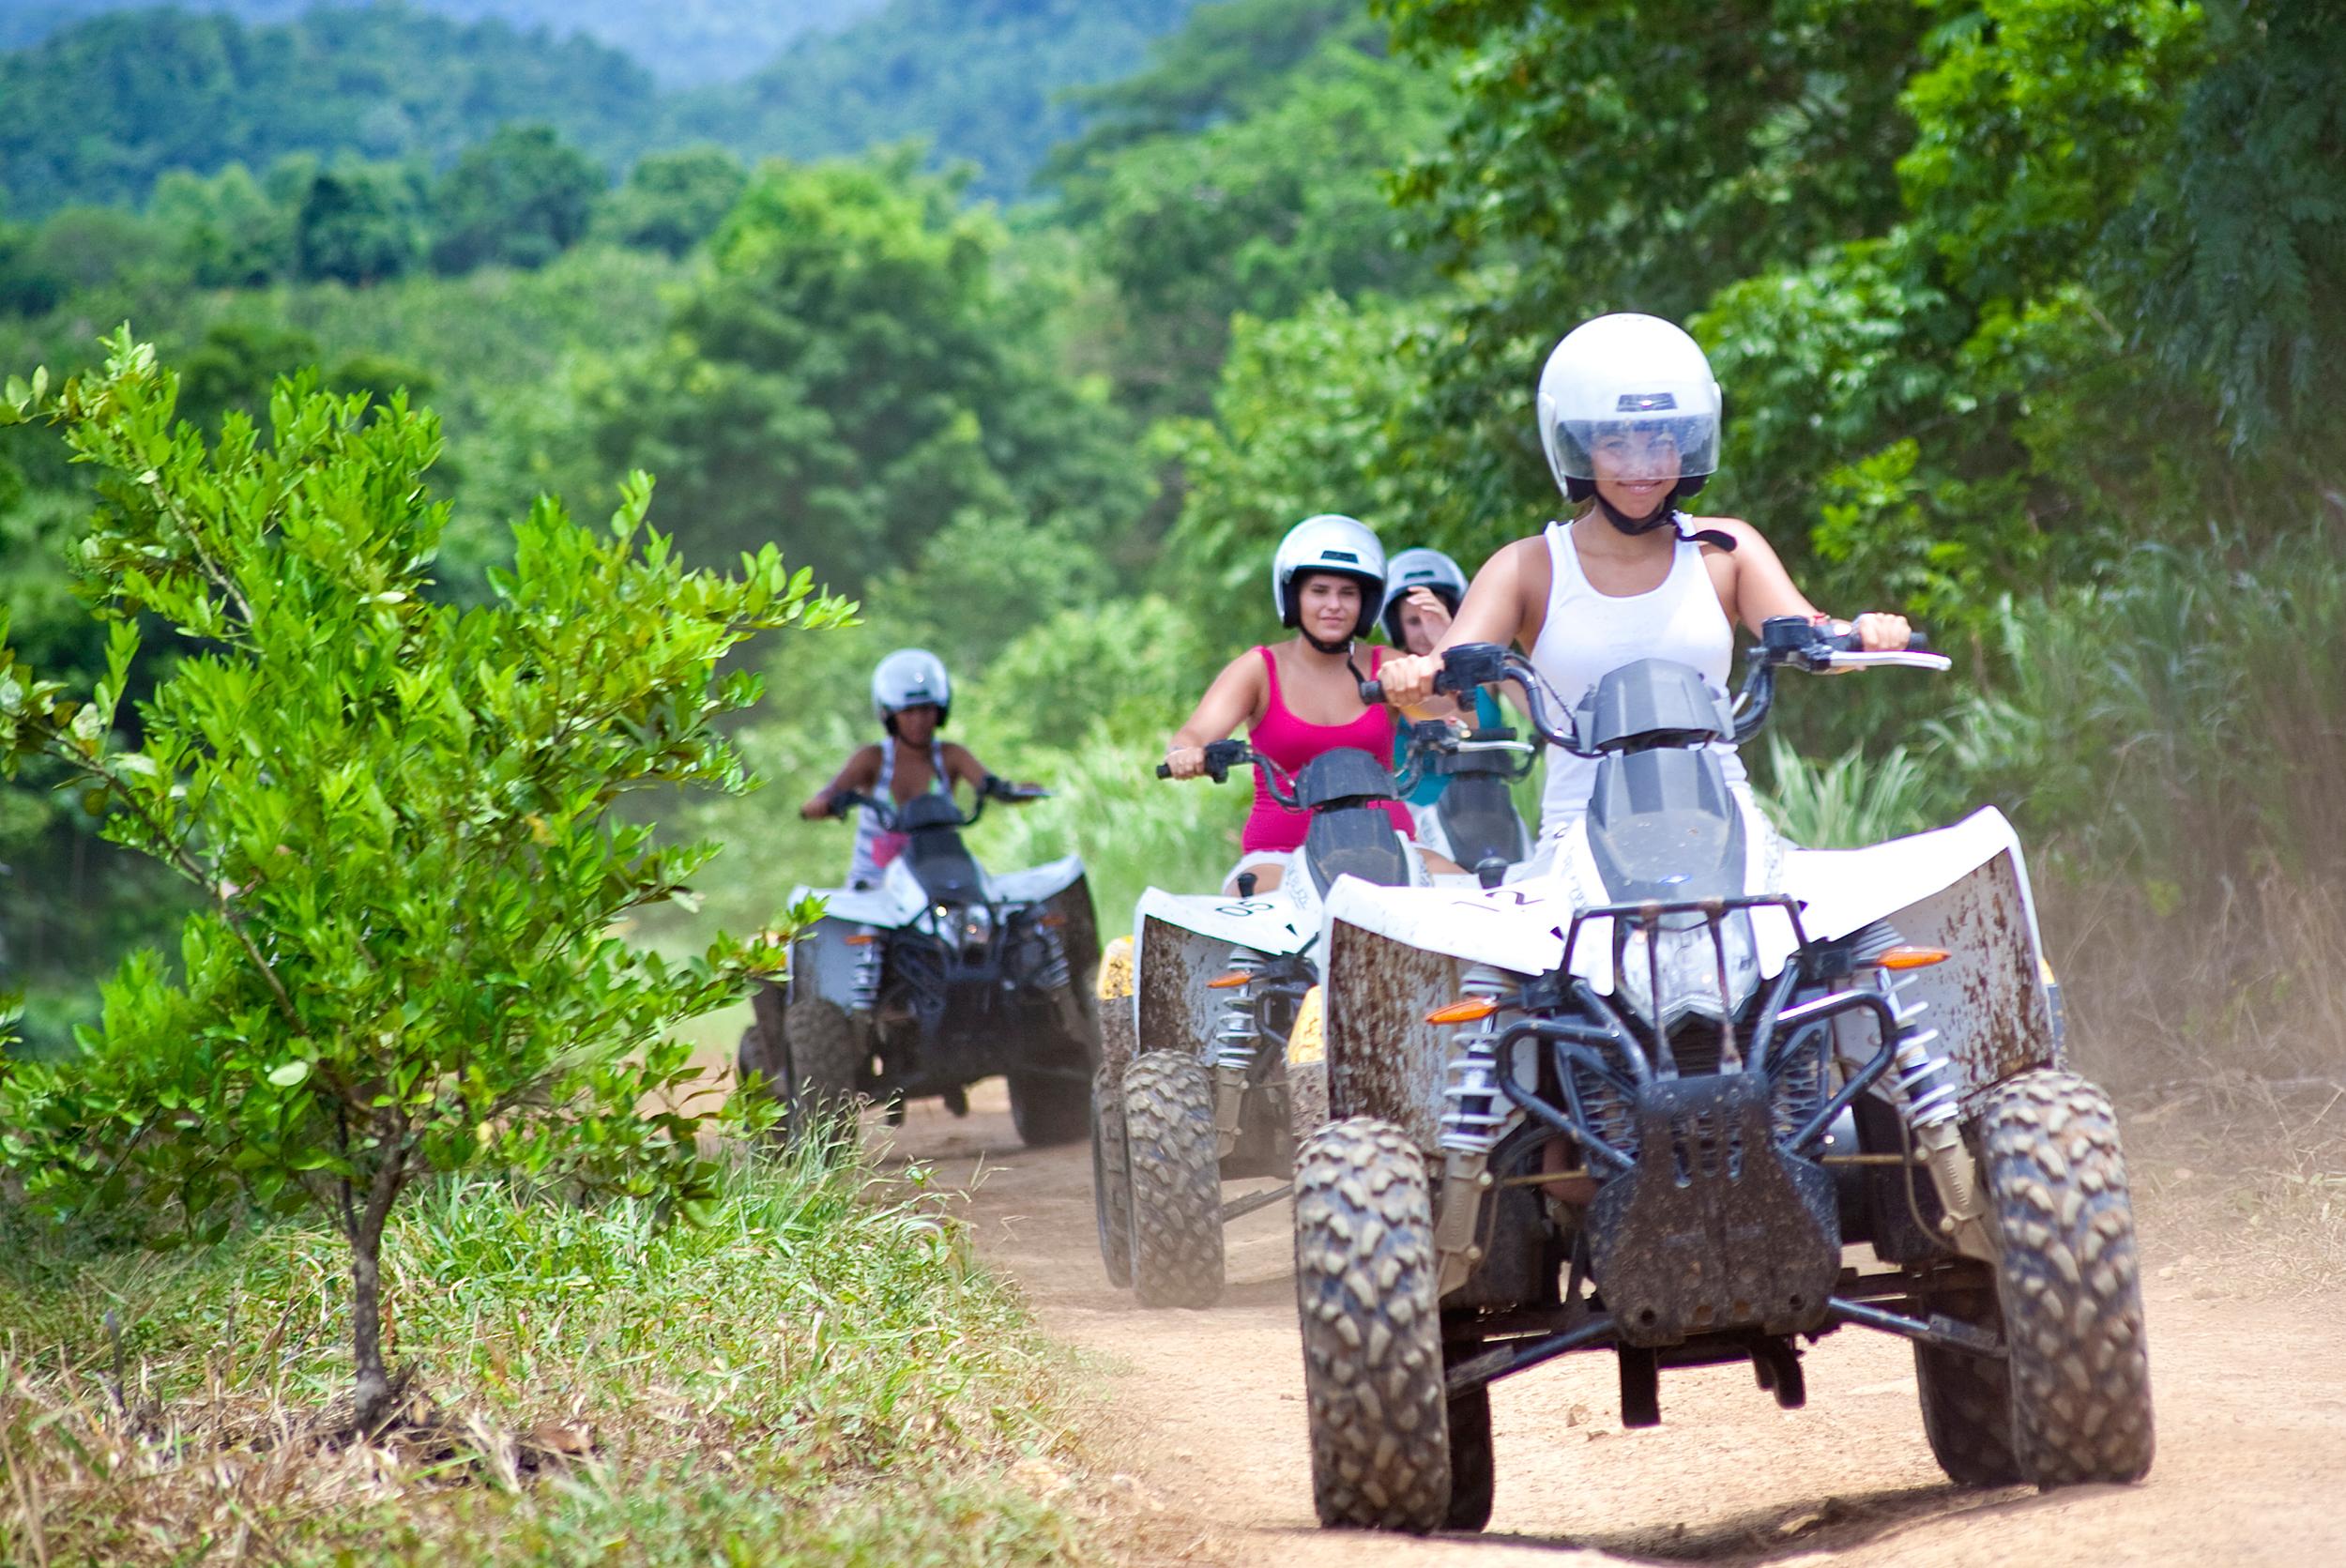 Atv Tours Ocho Rios Jamaica